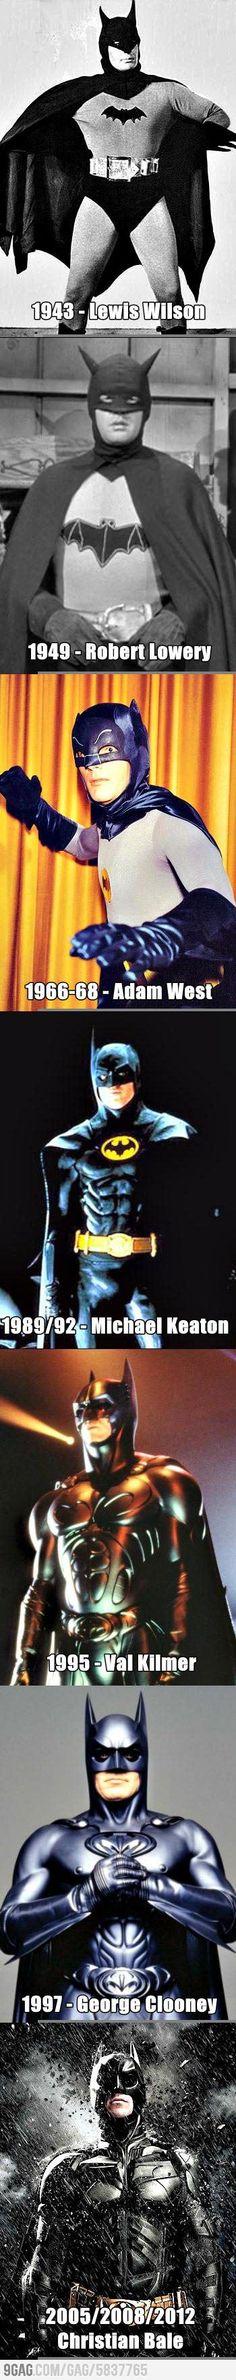 The Batmans!